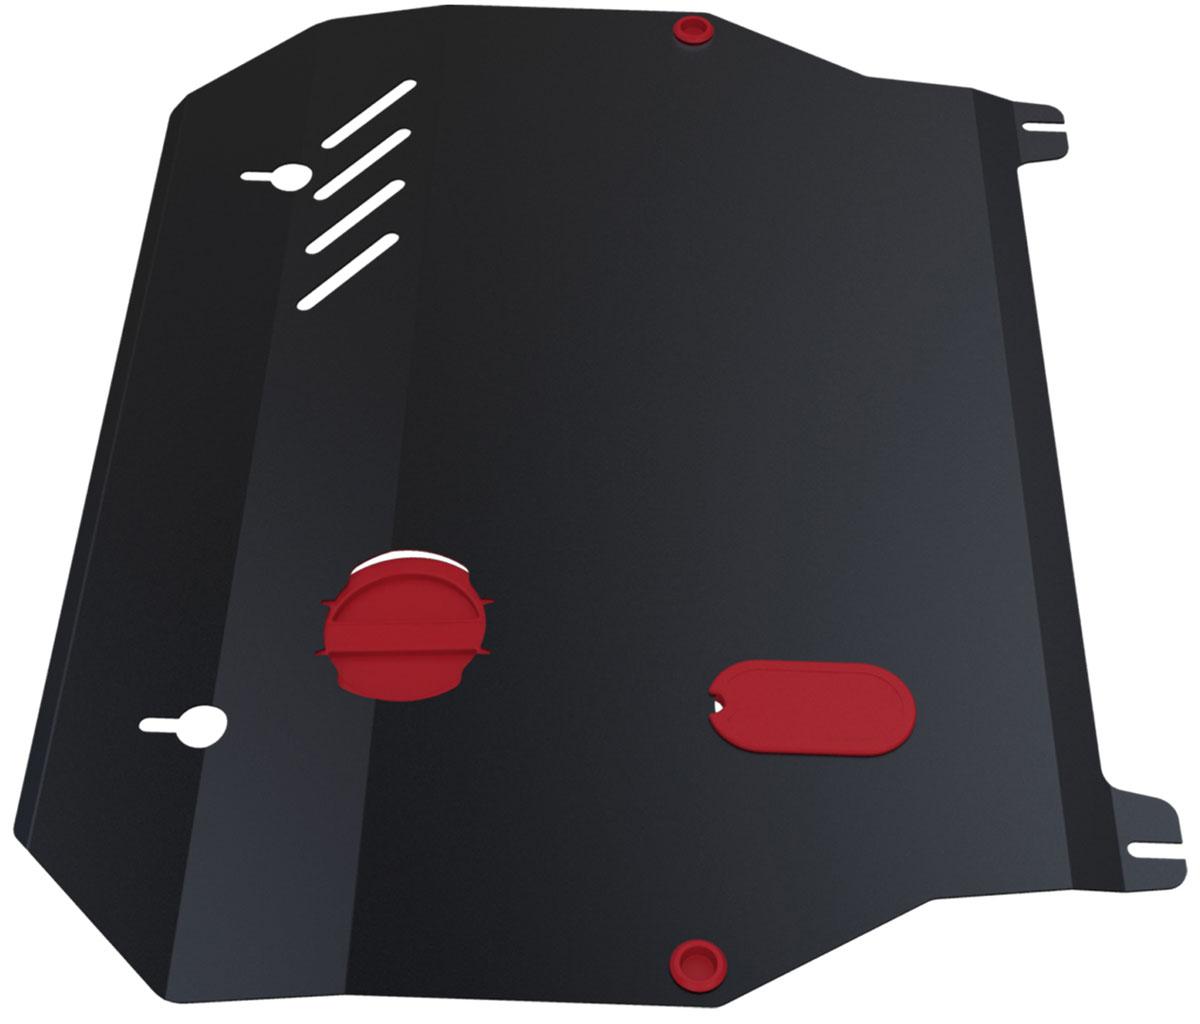 Защита картера и КПП Автоброня, для Hyundai Elantra XD/Hyundai ТагАЗ Elantra XD. 111.02303.1111.02303.1Технологически совершенный продукт за невысокую стоимость. Защита разработана с учетом особенностей днища автомобиля, что позволяет сохранить дорожный просвет с минимальным изменением. Защита устанавливается в штатные места кузова автомобиля. Глубокий штамп обеспечивает до двух раз больше жесткости в сравнении с обычной защитой той же толщины. Проштампованные ребра жесткости препятствуют деформации защиты при ударах. Тепловой зазор и вентиляционные отверстия обеспечивают сохранение температурного режима двигателя в норме. Скрытый крепеж предотвращает срыв крепежных элементов при наезде на препятствие. Шумопоглощающие резиновые элементы обеспечивают комфортную езду без вибраций и скрежета металла, а съемные лючки для слива масла и замены фильтра - экономию средств и время. Конструкция изделия не влияет на пассивную безопасность автомобиля (при ударе защита не воздействует на деформационные зоны кузова). Со штатным крепежом. В комплекте инструкция по...